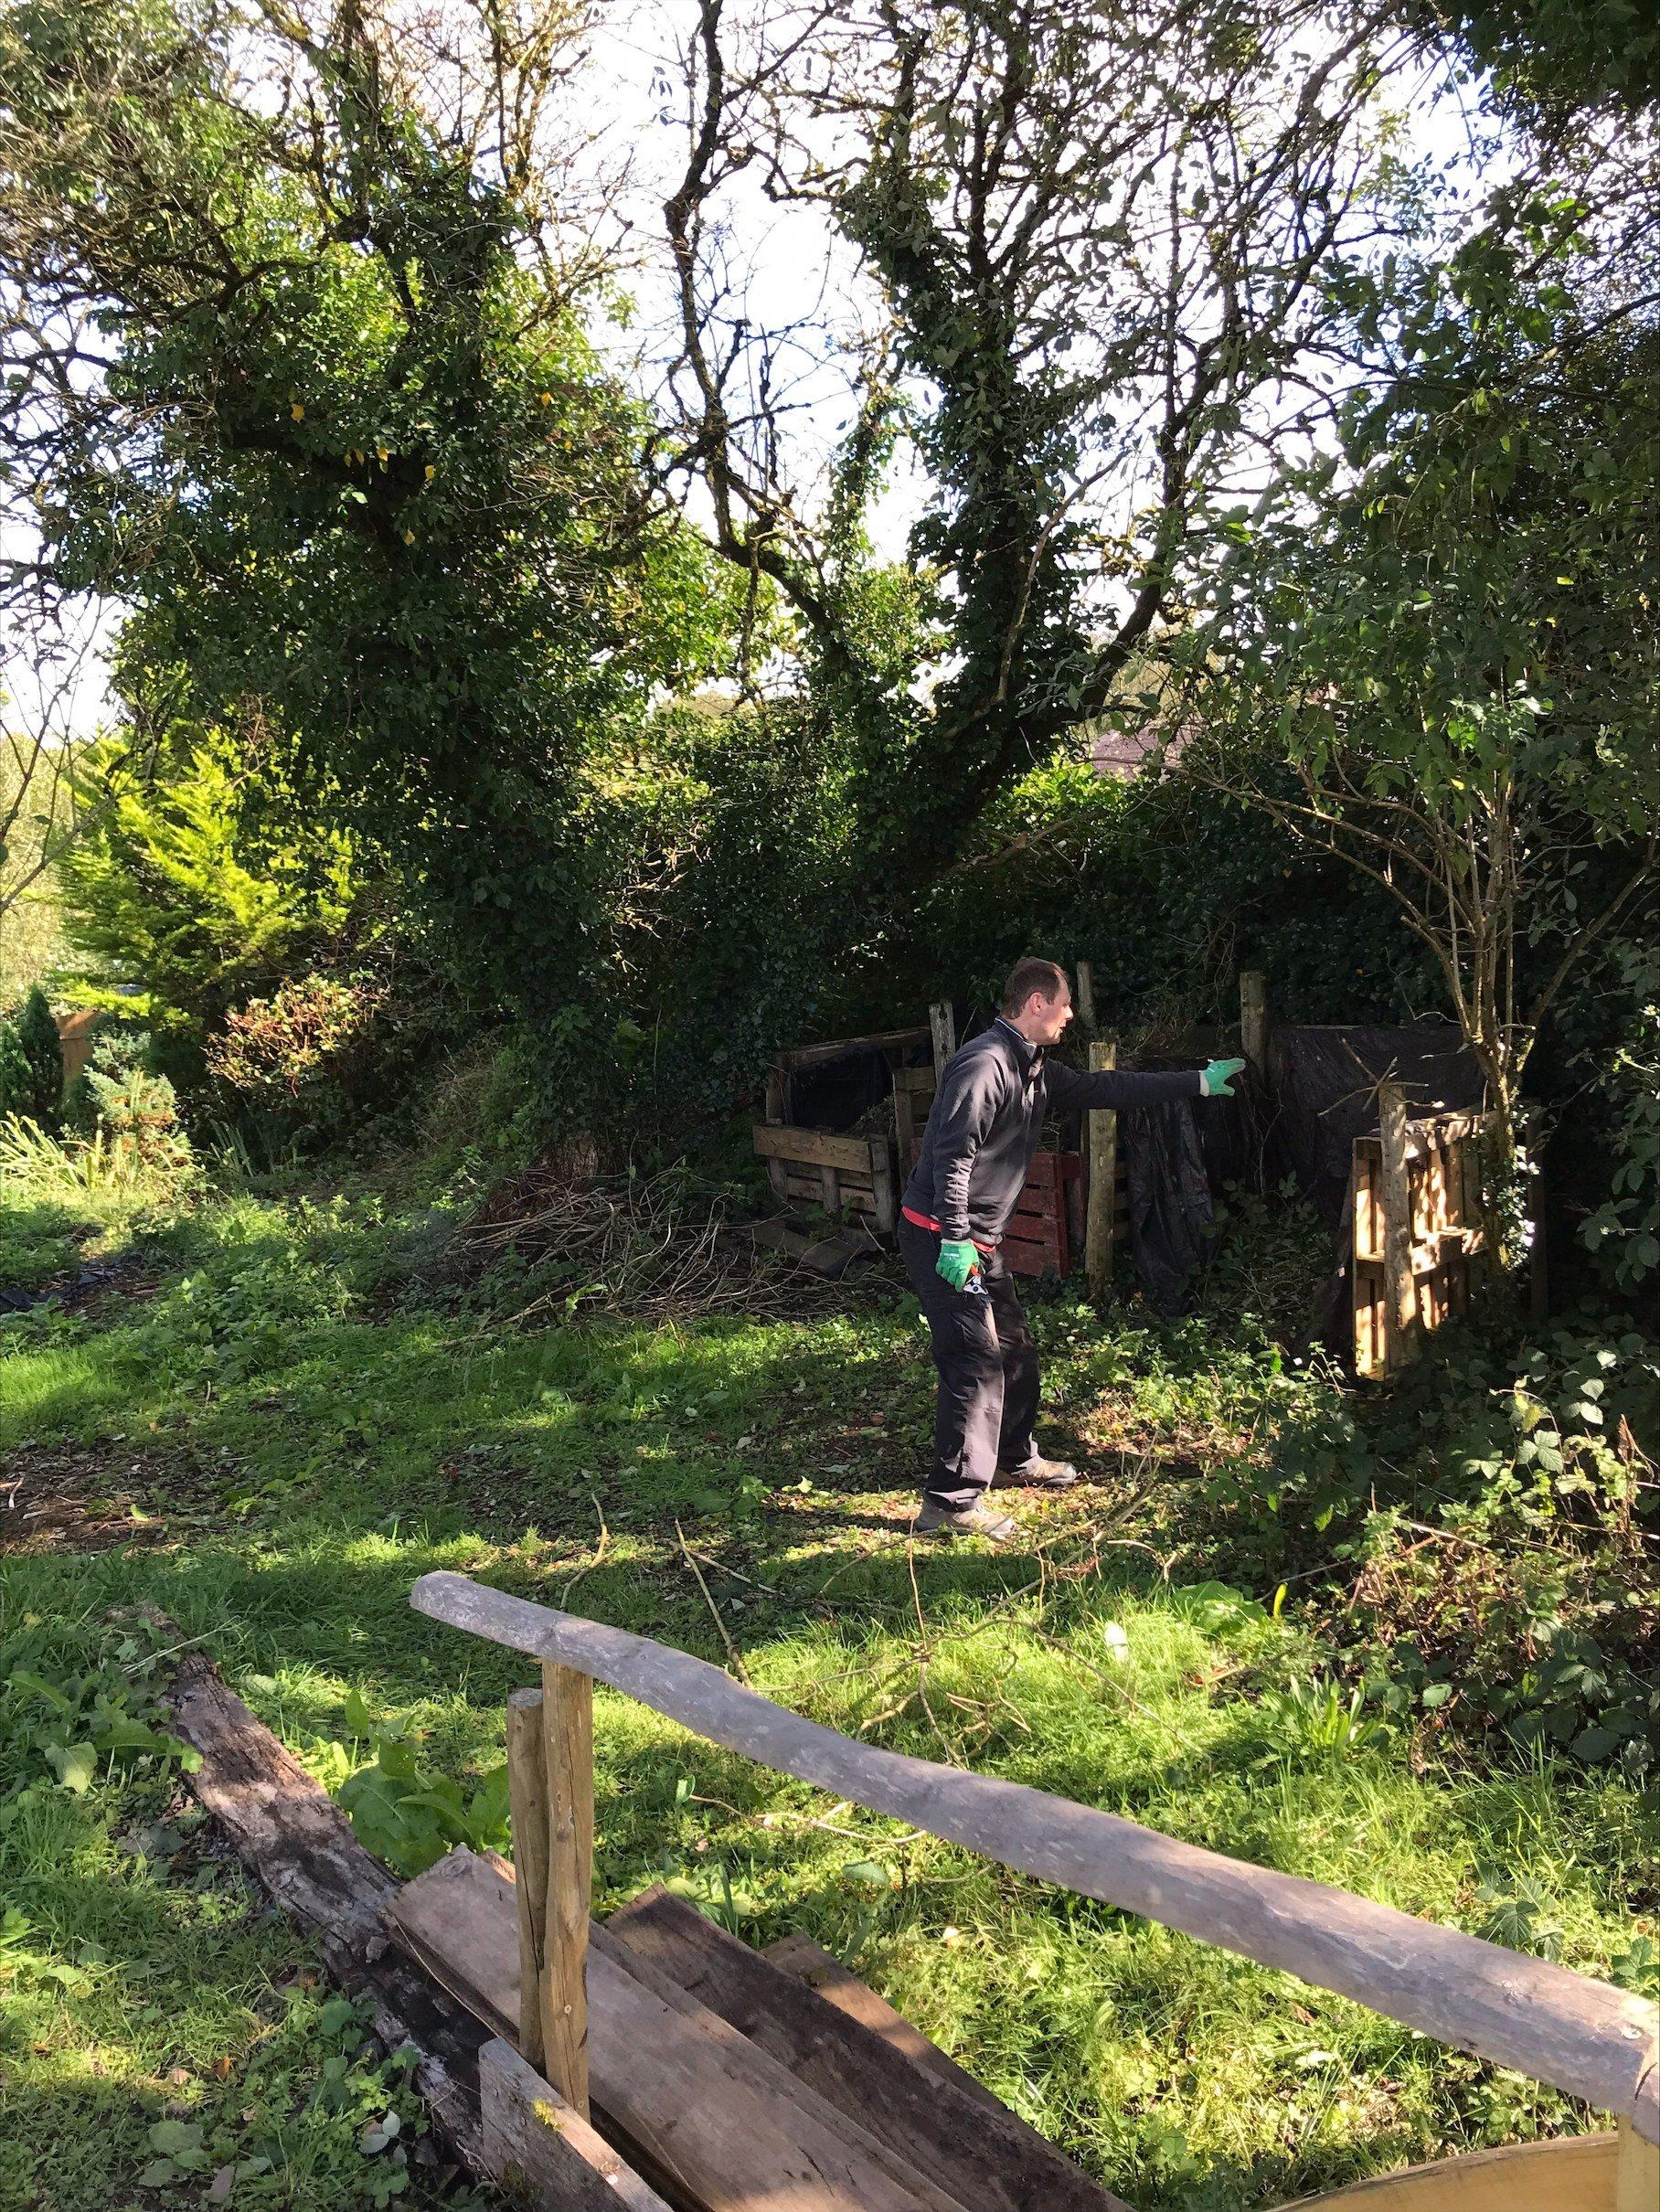 Les producteurs vivent bien - Le premier blog de Clive  Jardin botanique national du Pays de Galles